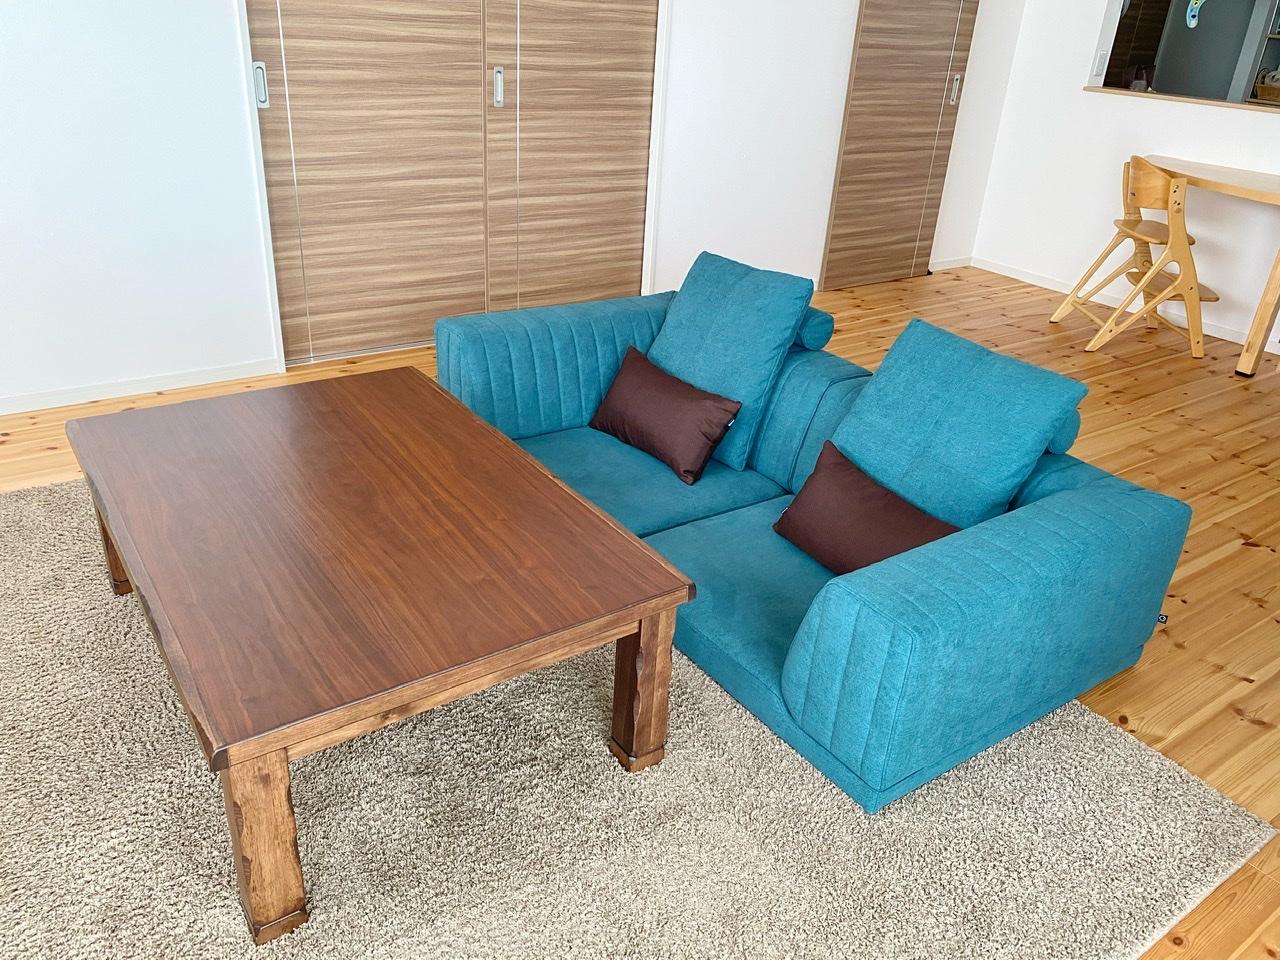 ブルーのソファでお部屋を爽やかな印象に!【国産ローソファ・フロアソファ専門店HAREM】